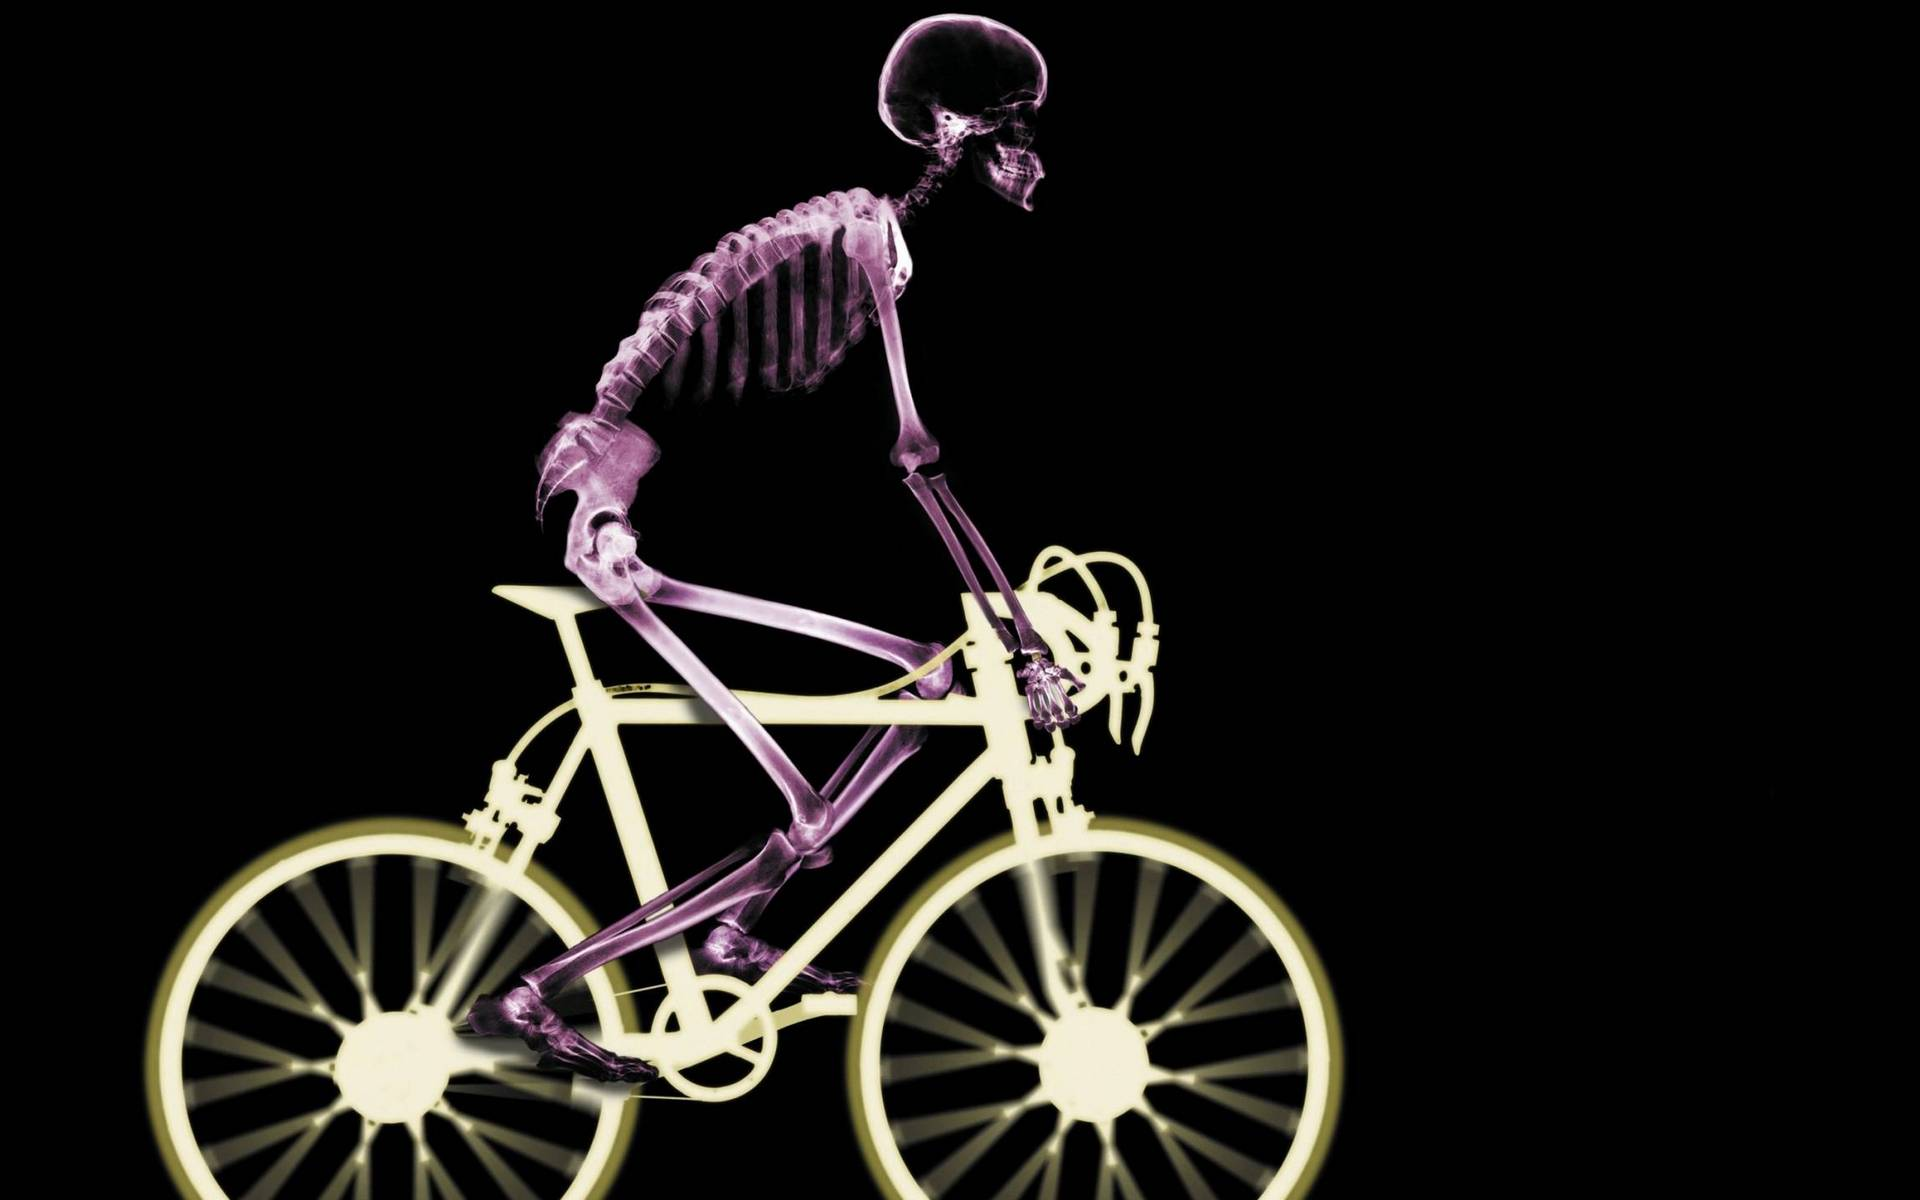 человек, скелет, велосипед